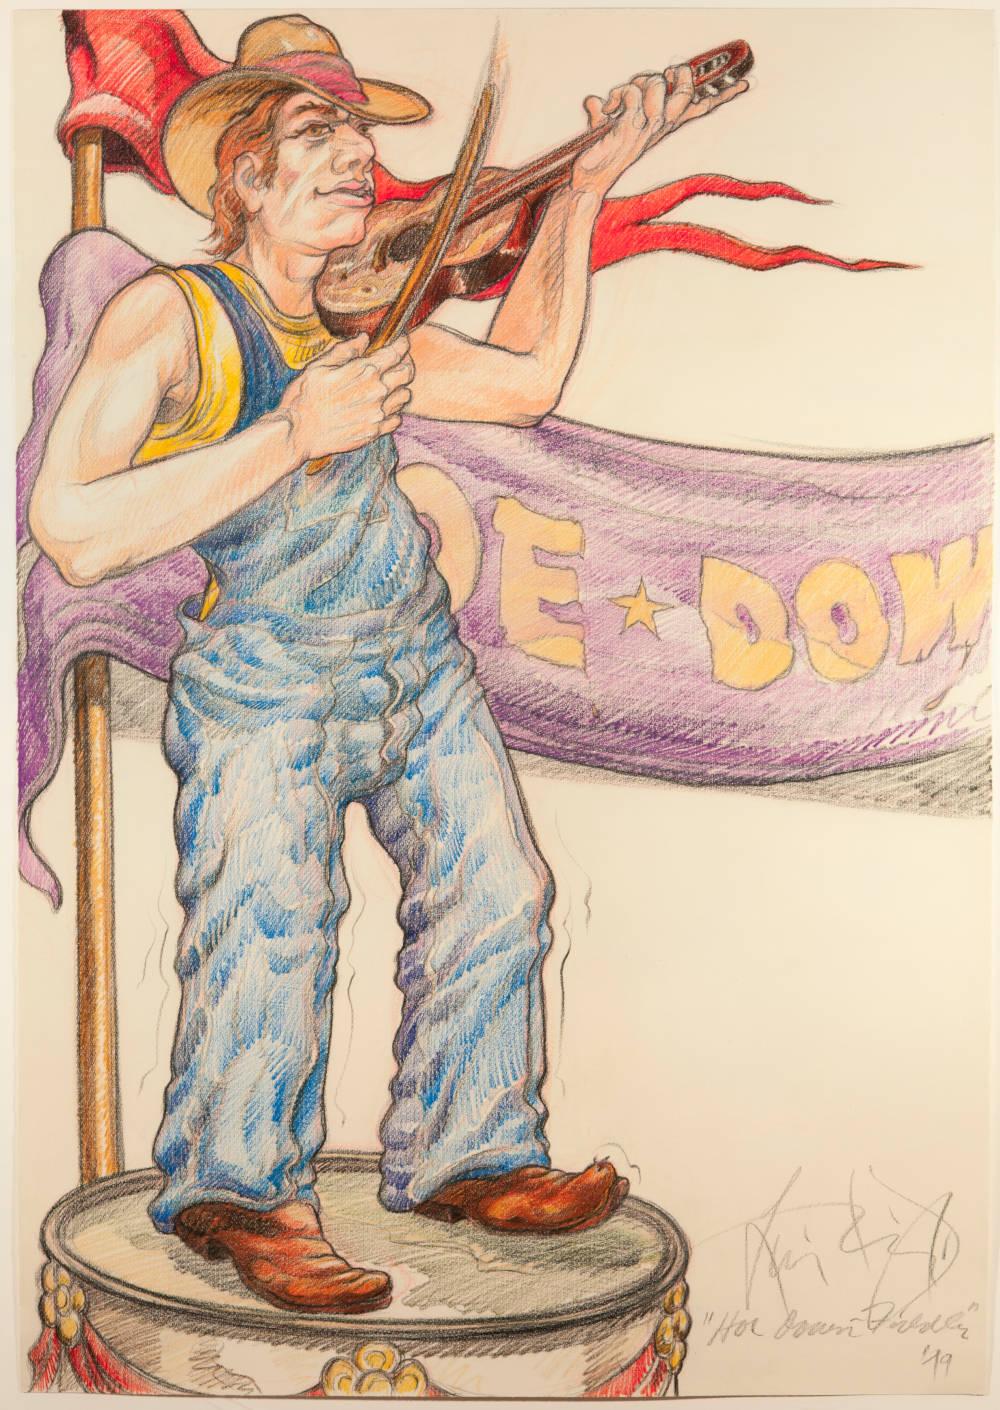 Hoe Down Fiddler (Fargo, ND)